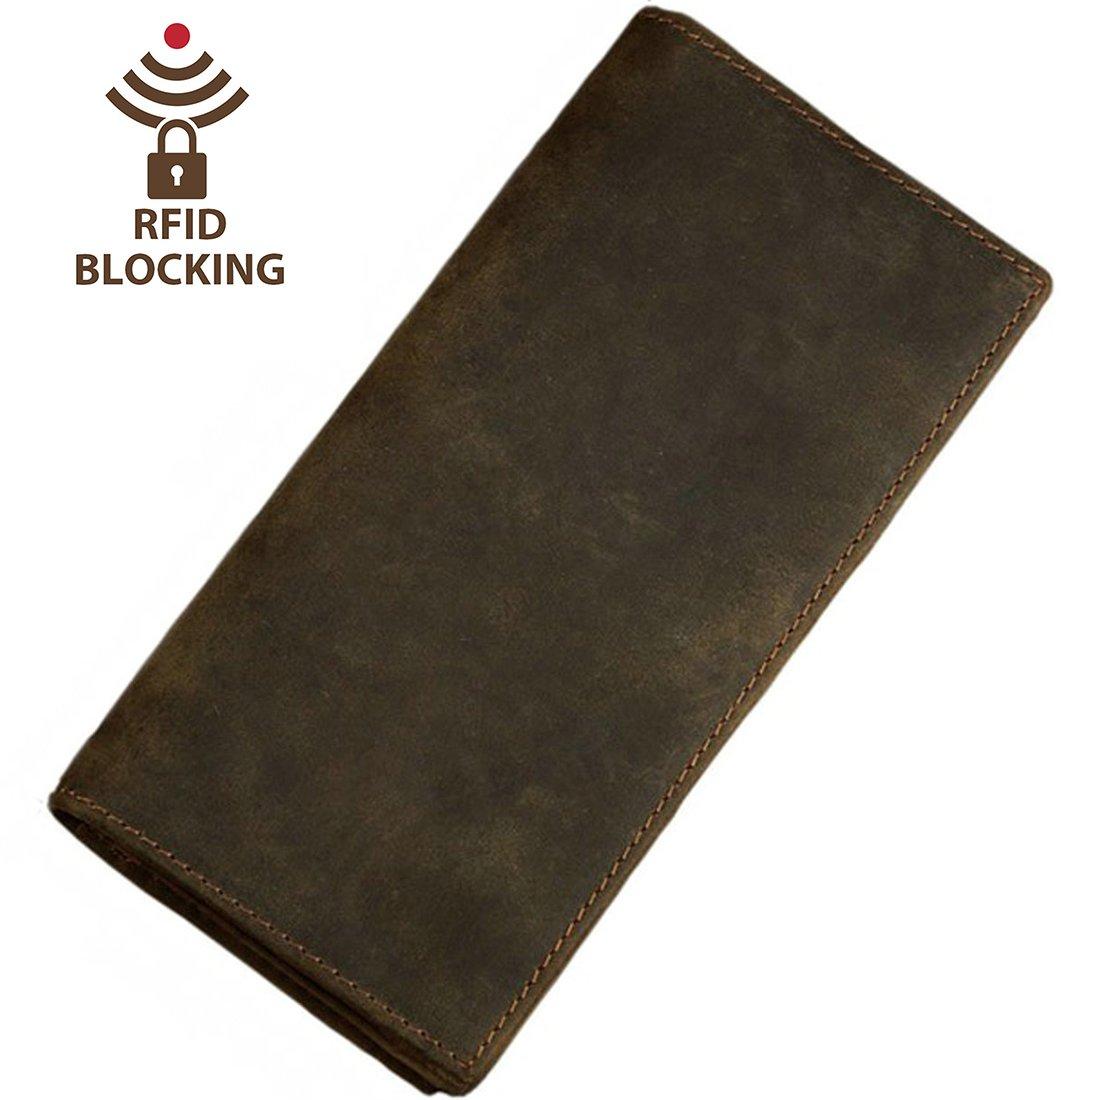 Itslife Men's RFID BLOCKING Vintage Look Genuine Leather Long Bifold Wallet Rfid